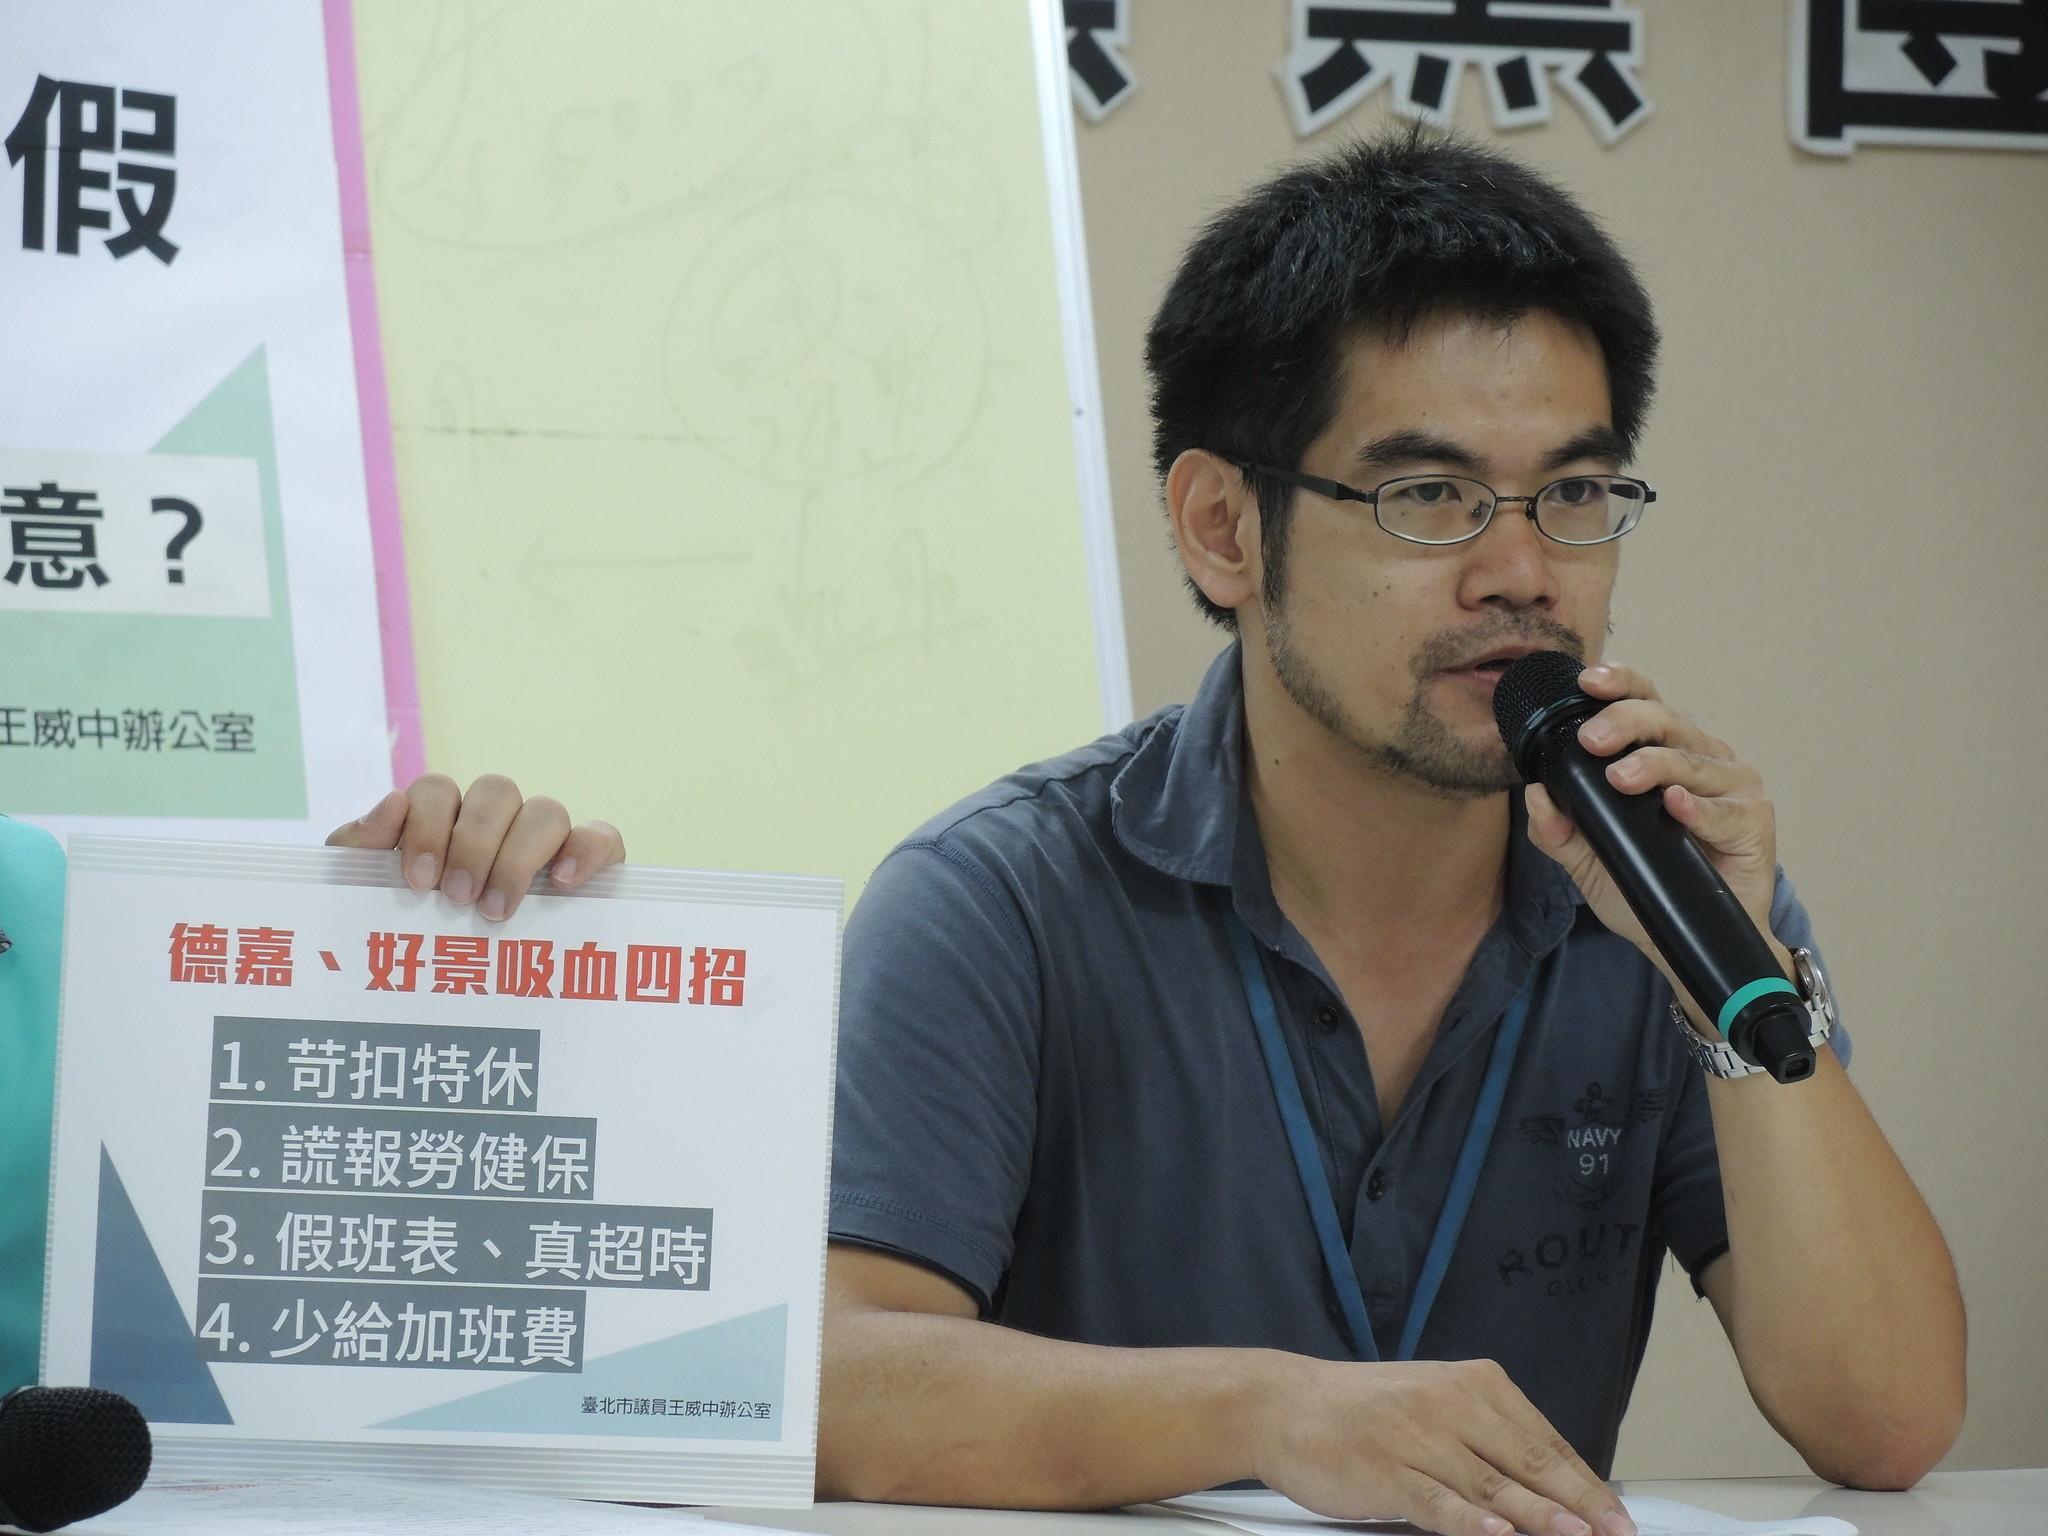 台灣勞動派遣產業工會祕書長施士青表示,北榮對待基層勞工不合理也不合法,要求北榮應該要負起勞基法的責任,給予清潔工合法的待遇。(攝影:曾福全)